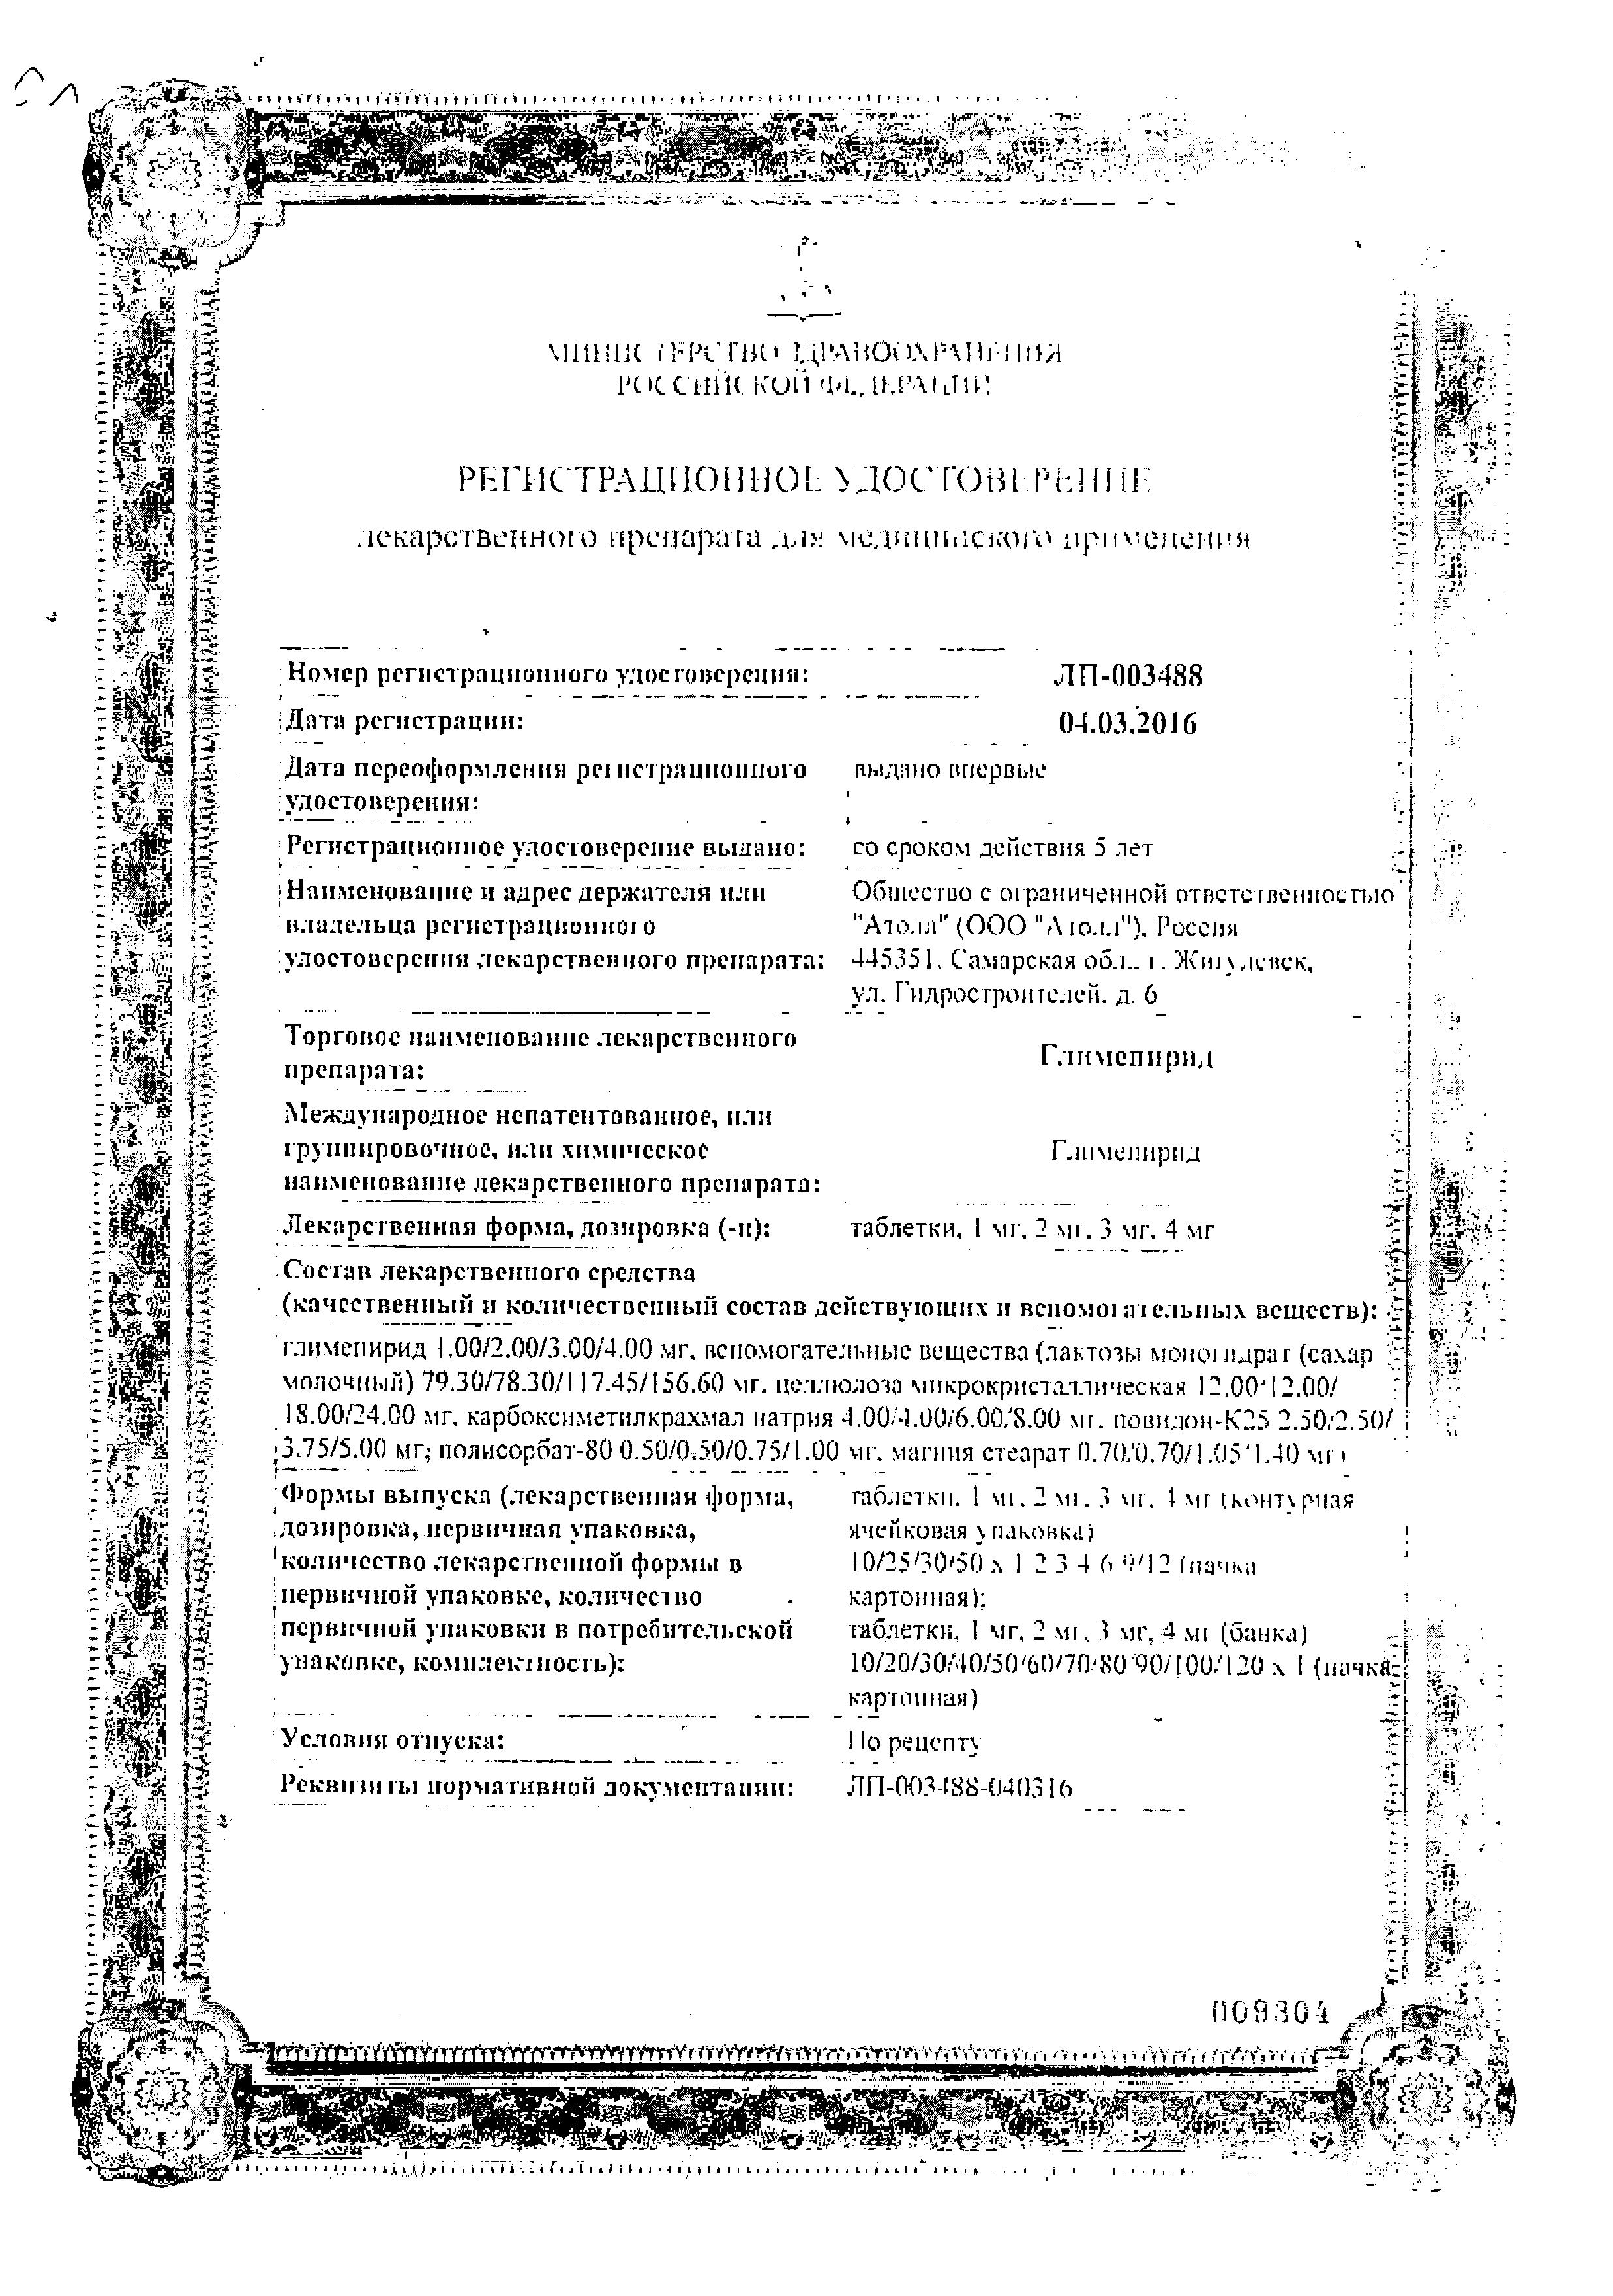 Глимепирид сертификат